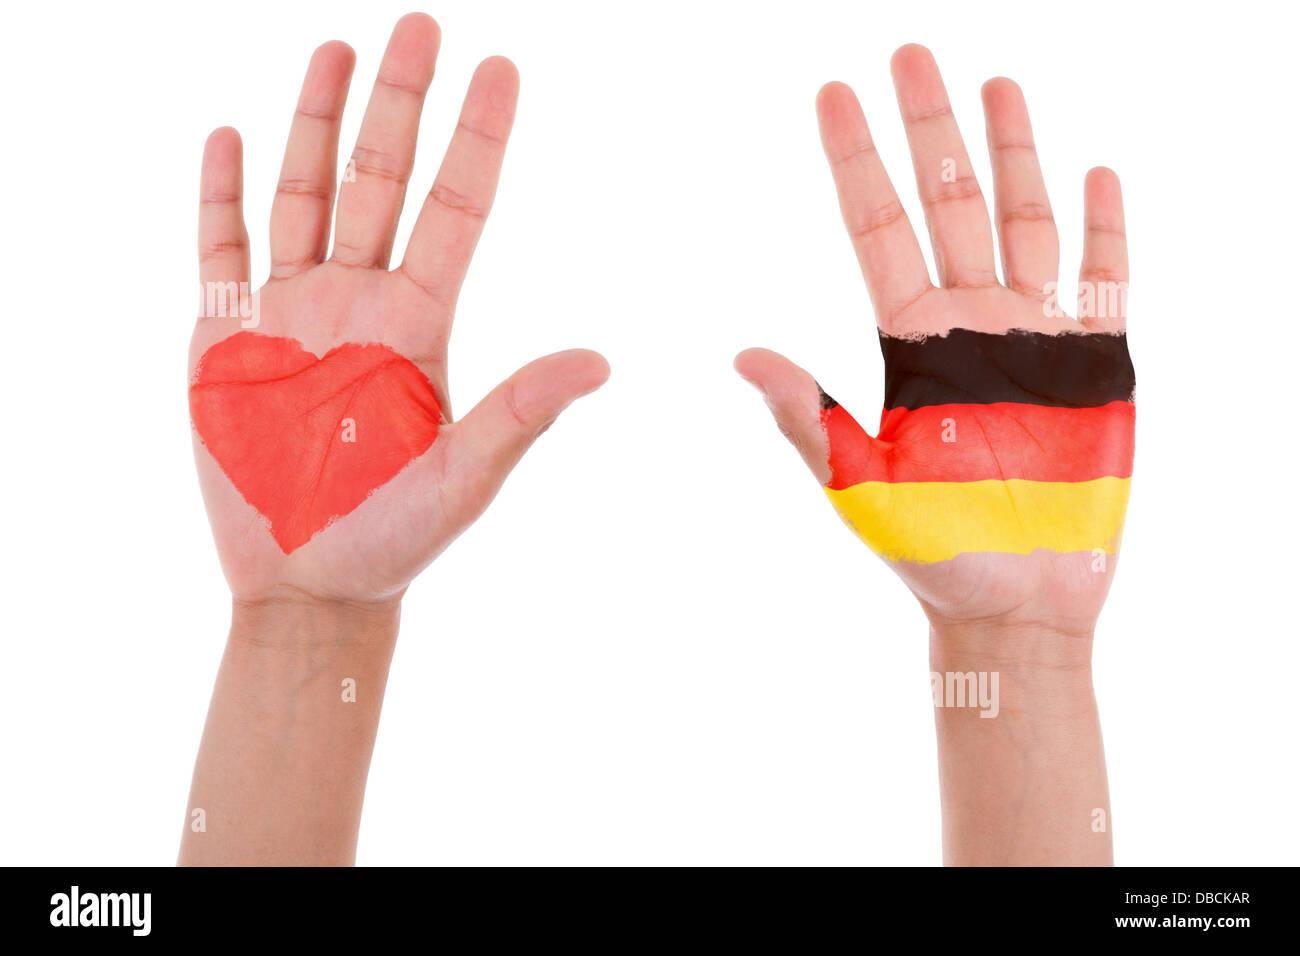 Manos pintadas con un corazón y la bandera alemana, me encanta Alemania concepto, aislado sobre fondo blanco. Foto de stock